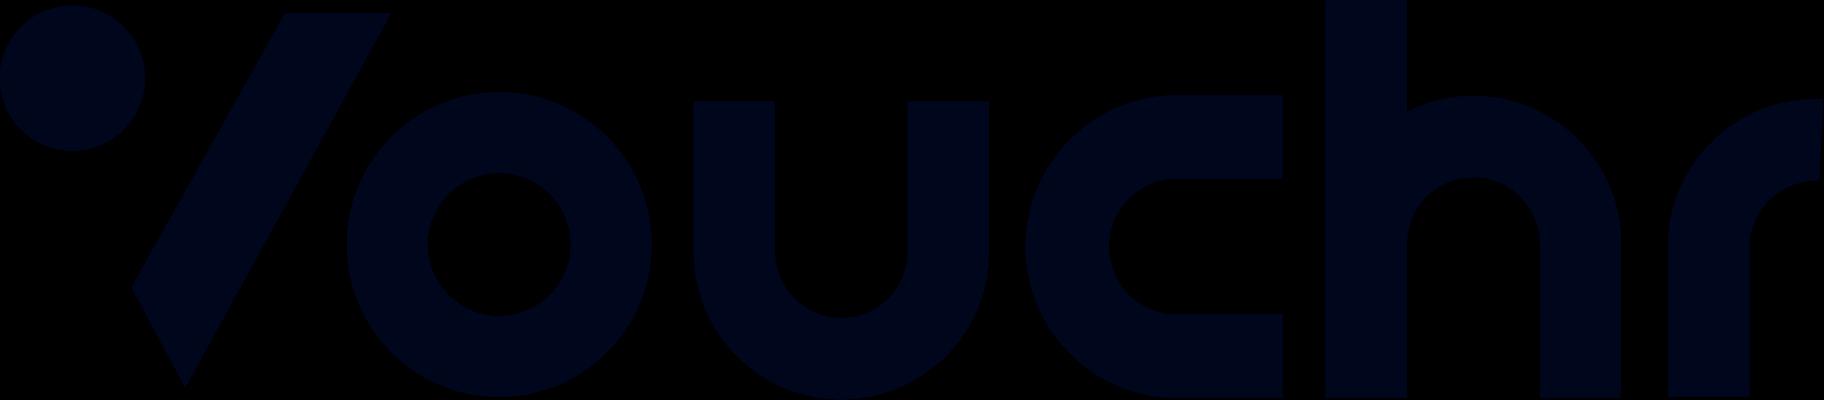 Vouchr logo